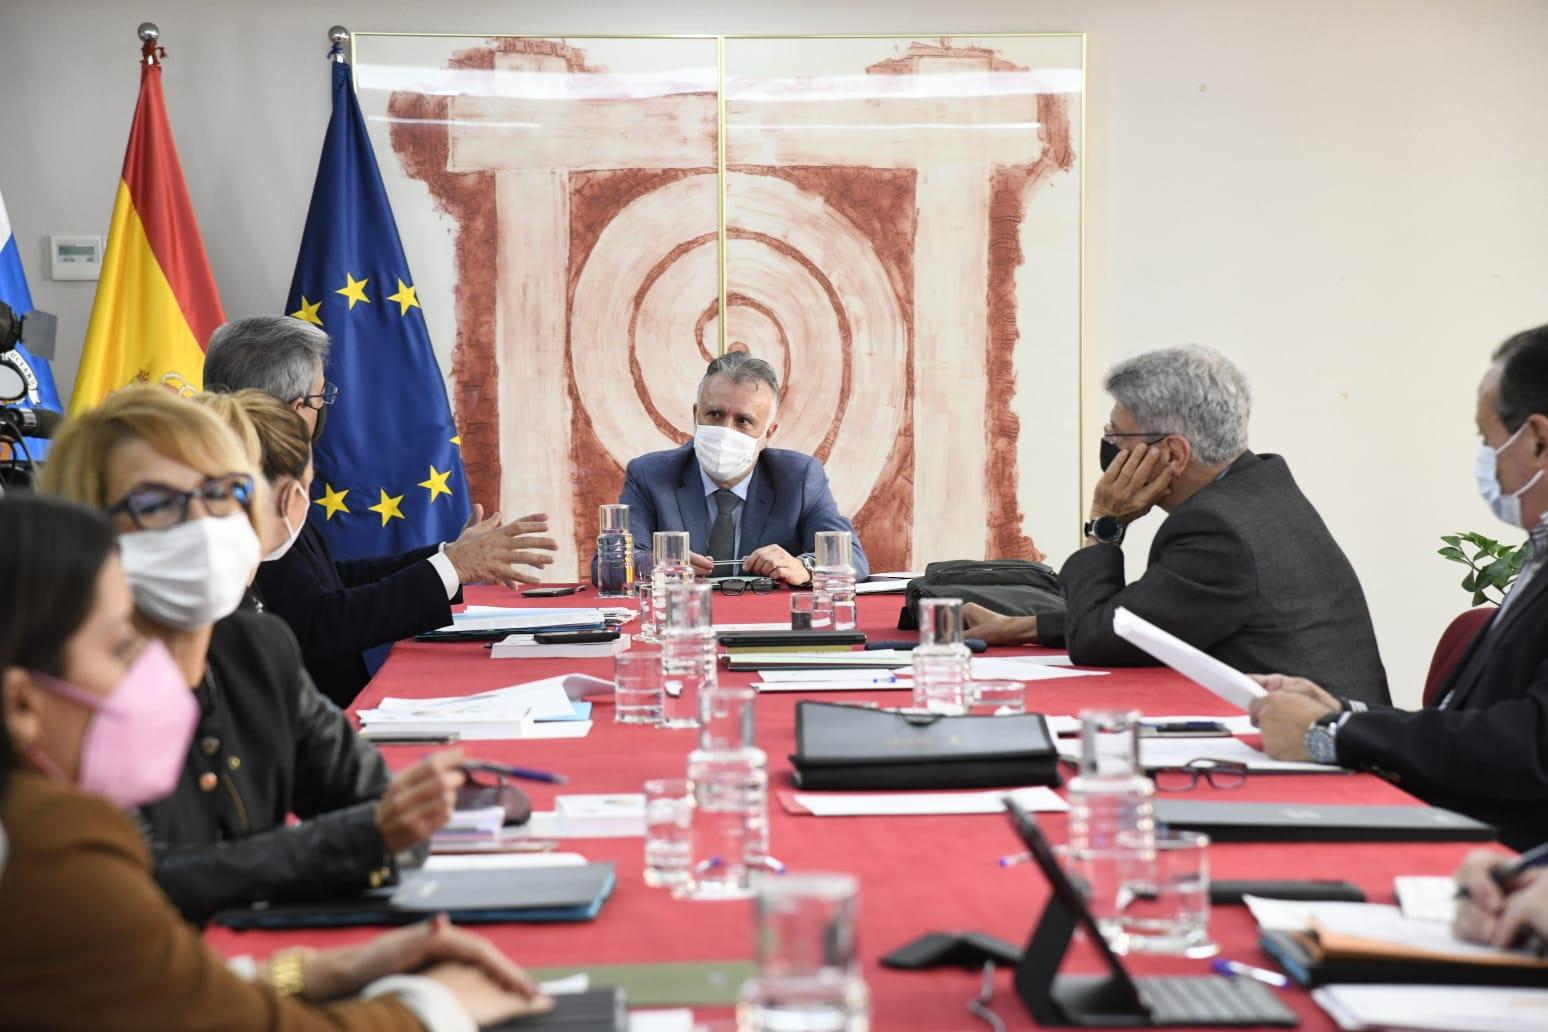 Torres intervendrá ante el Parlamento Europeo y Senado para reclamar una respuesta adecuada al fenómeno migratorio